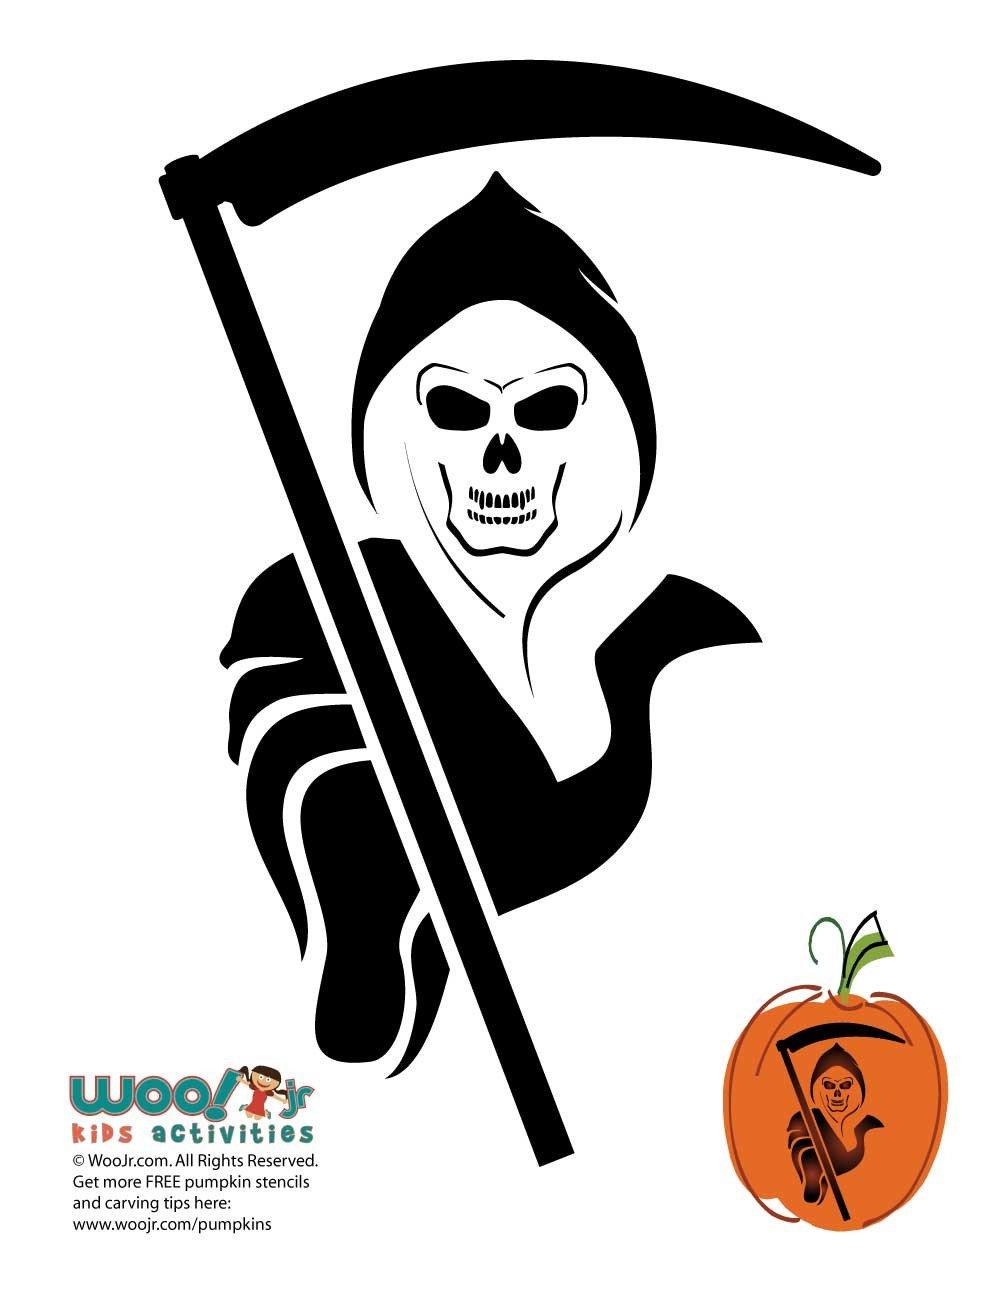 Grim Reaper Pumpkin Pattern Grim Reaper Pumpkin Template to Carve